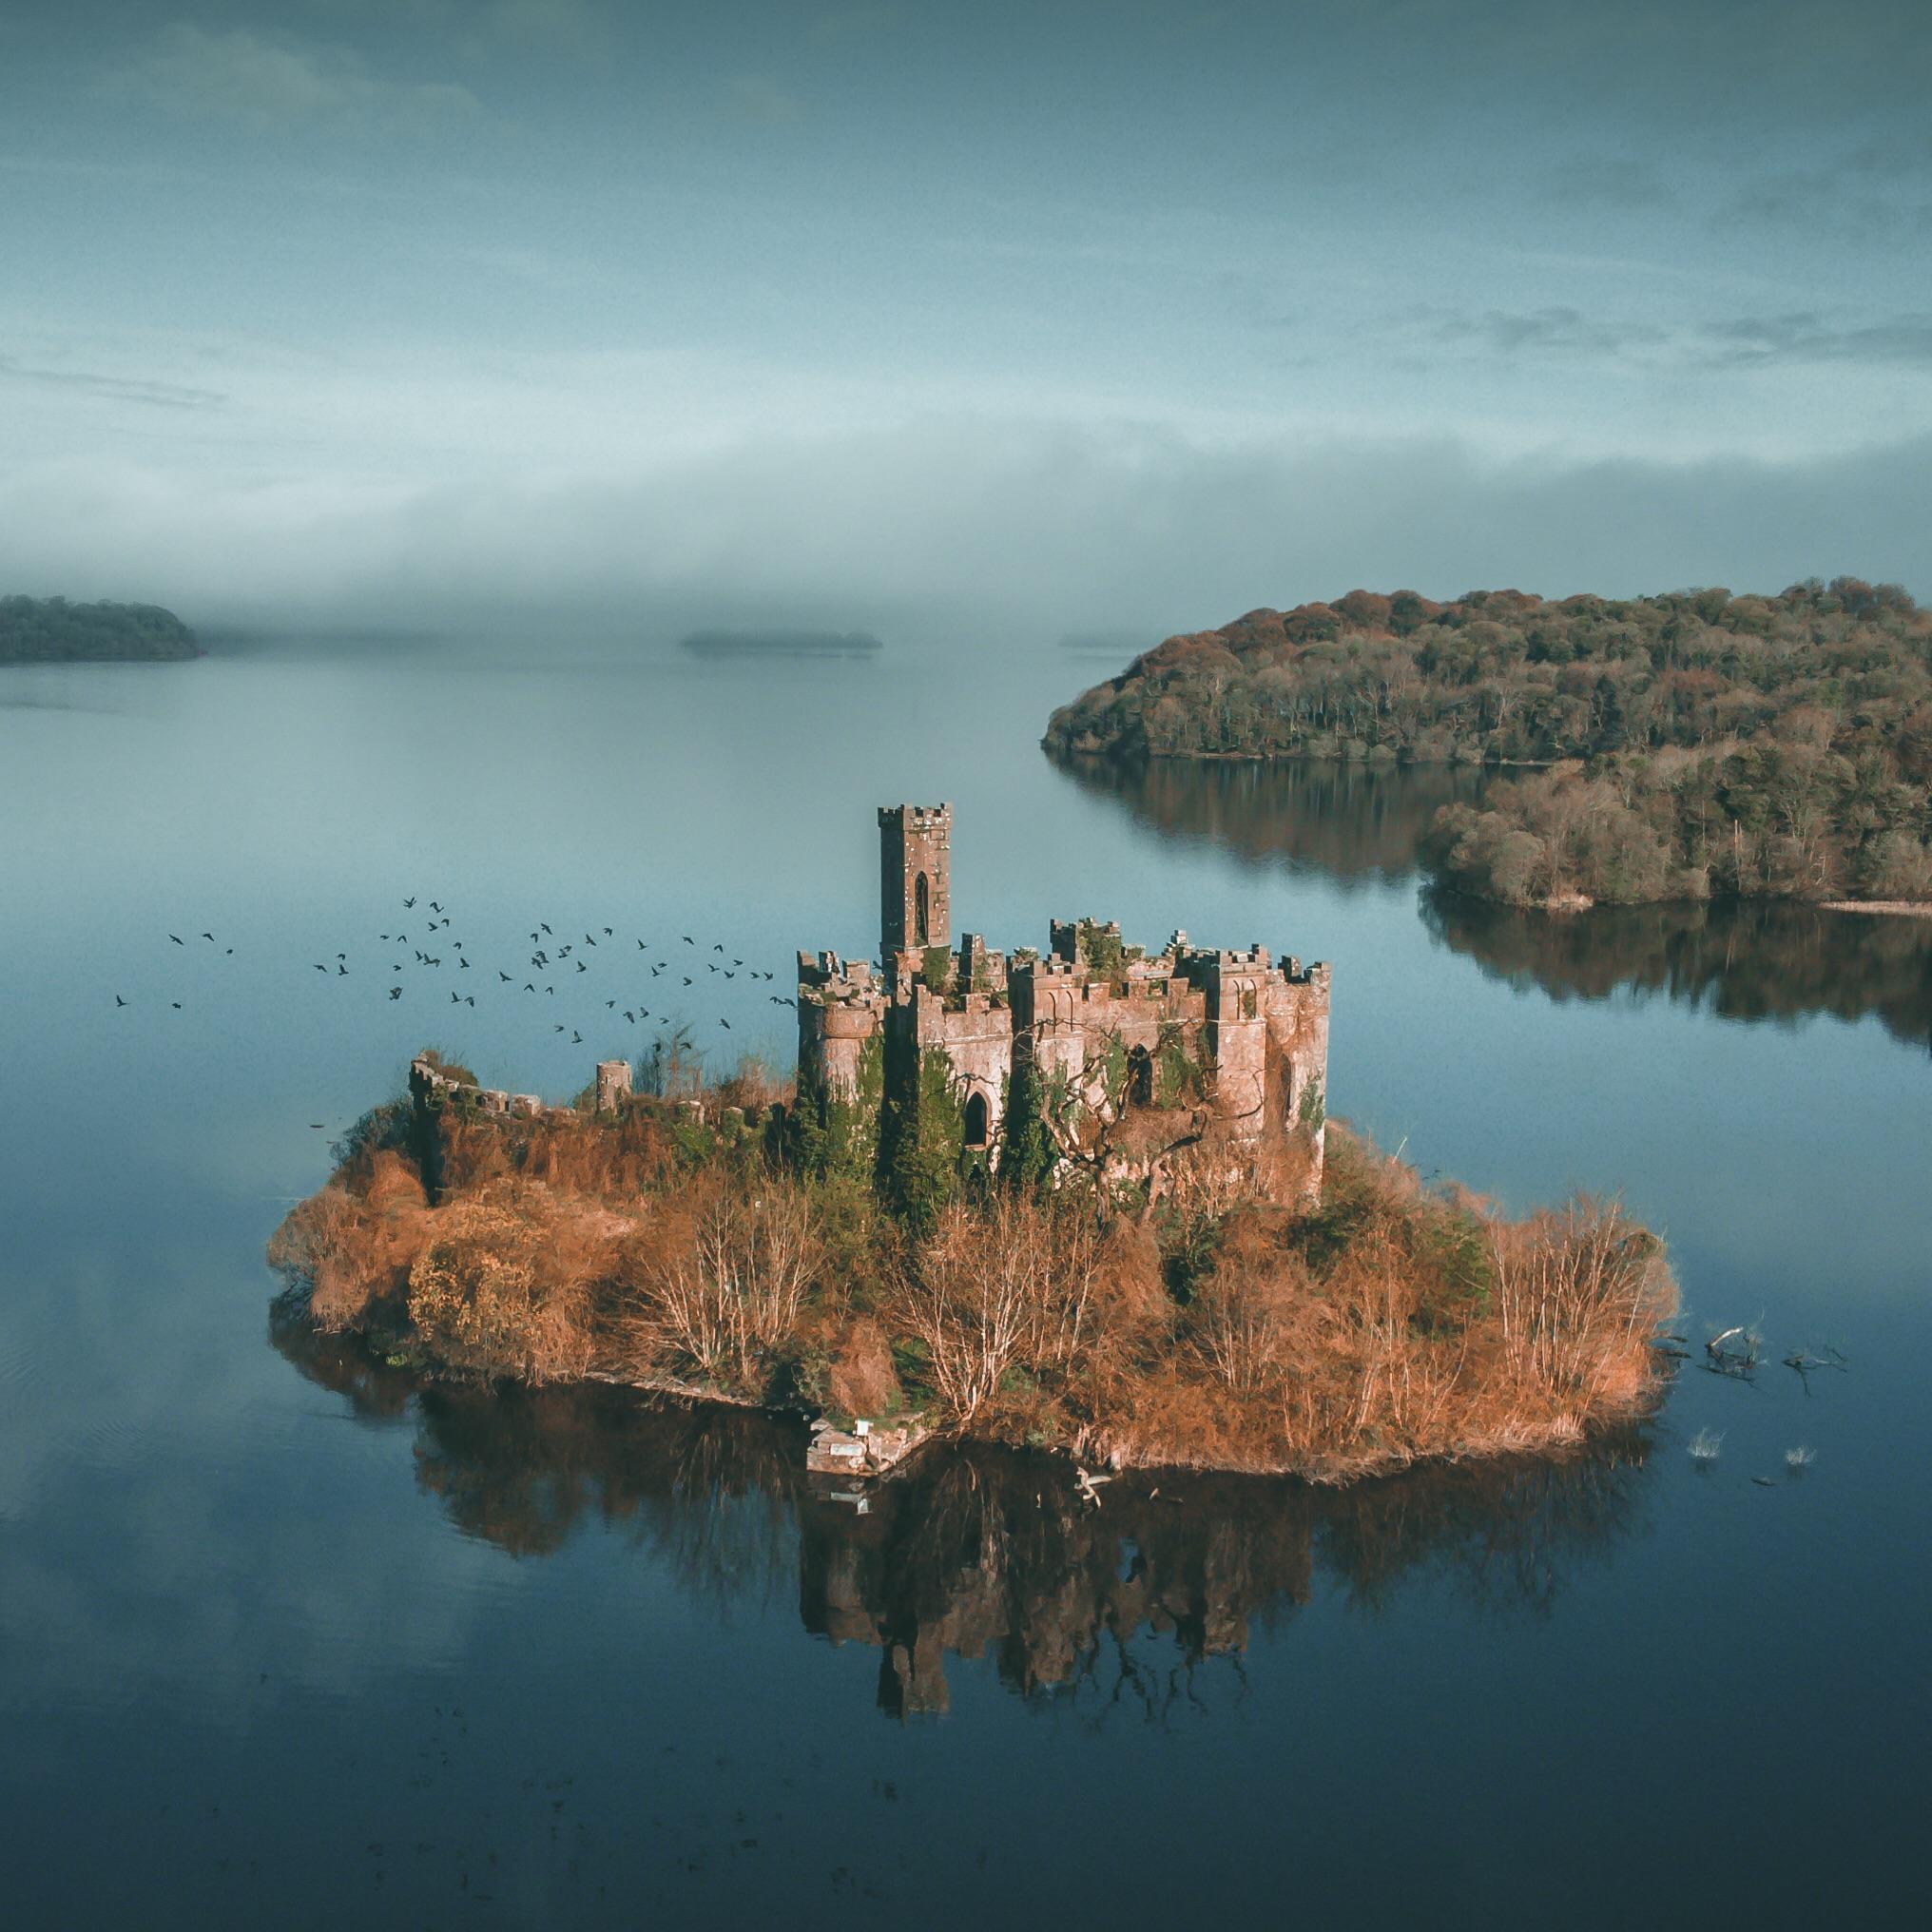 2032x2032, 330 Kb / замок, остров, Ирландия, крепость, заброшка, МакДермотт